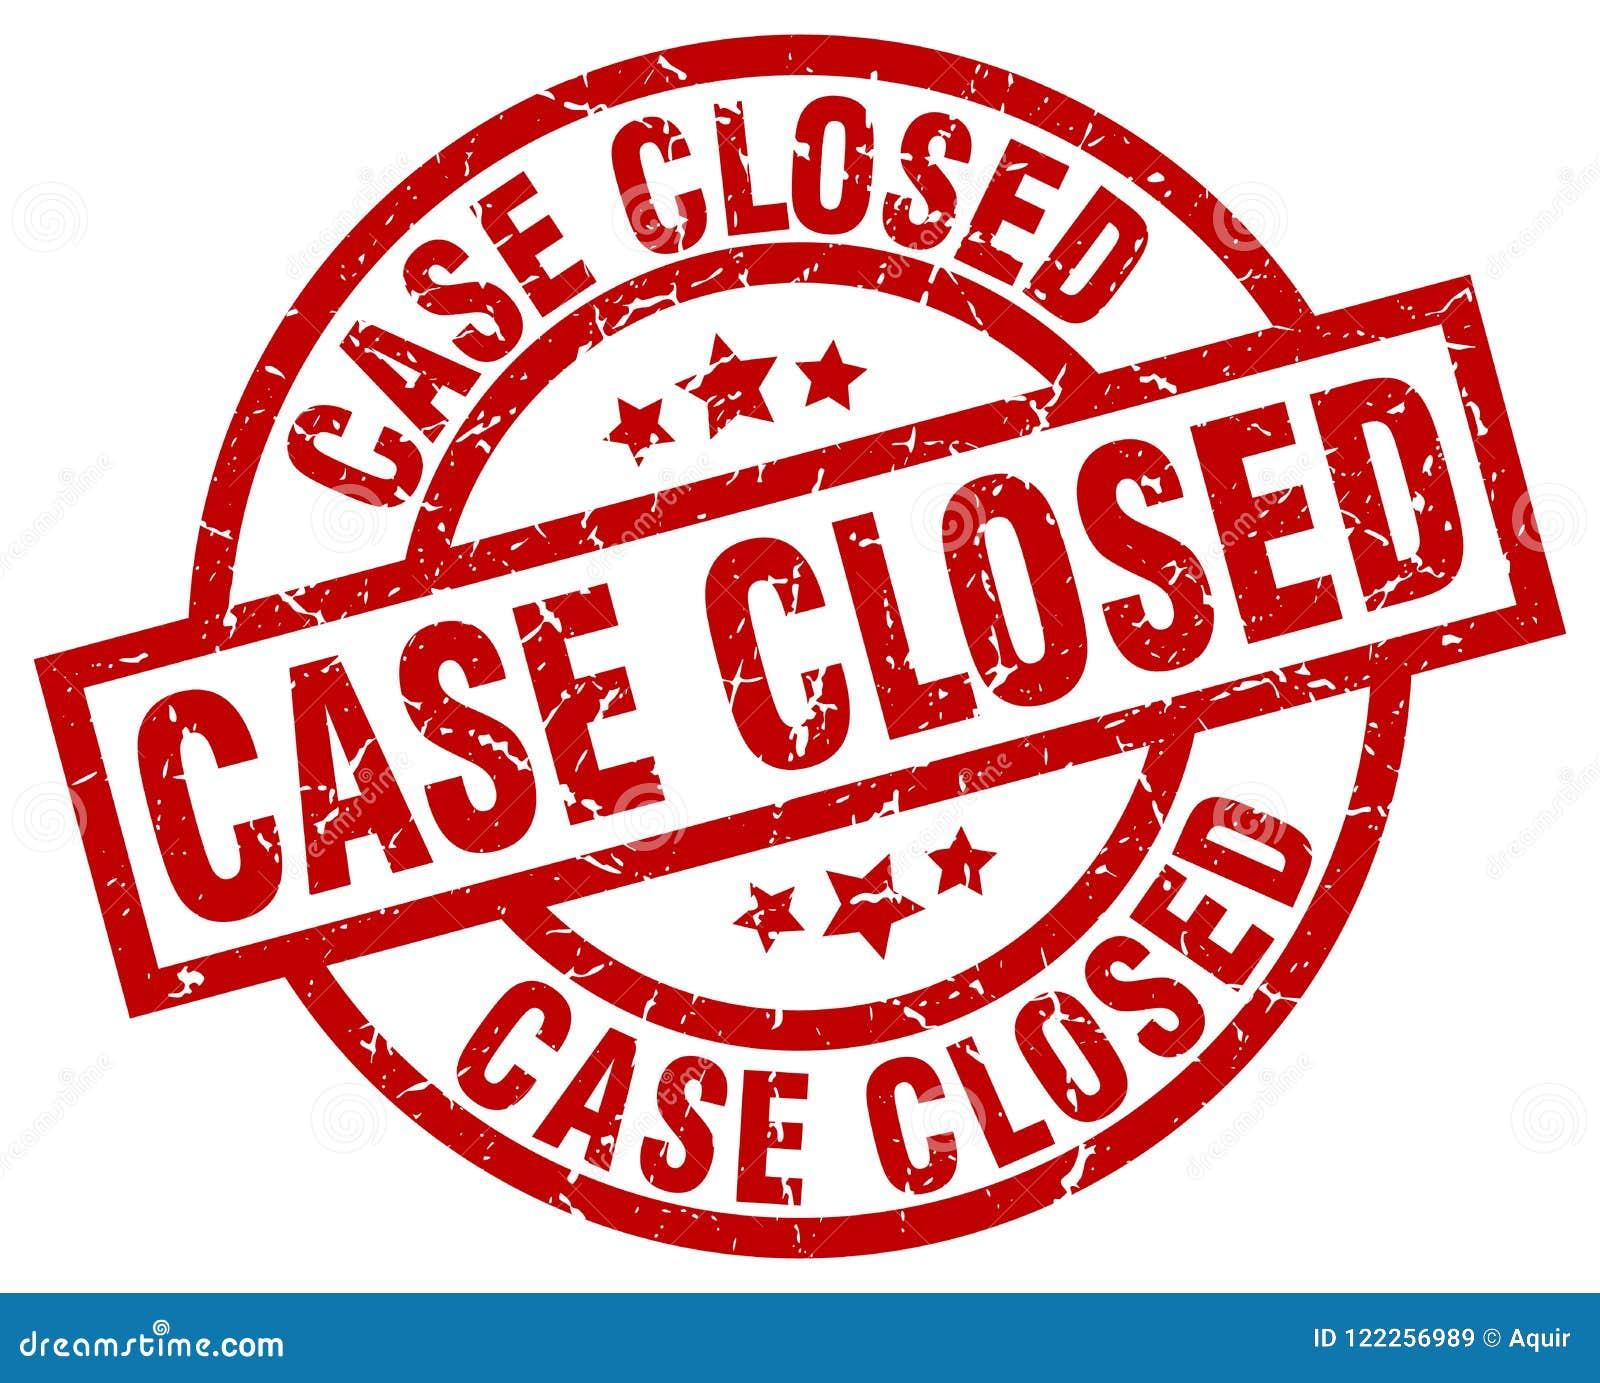 Selo fechado do caso